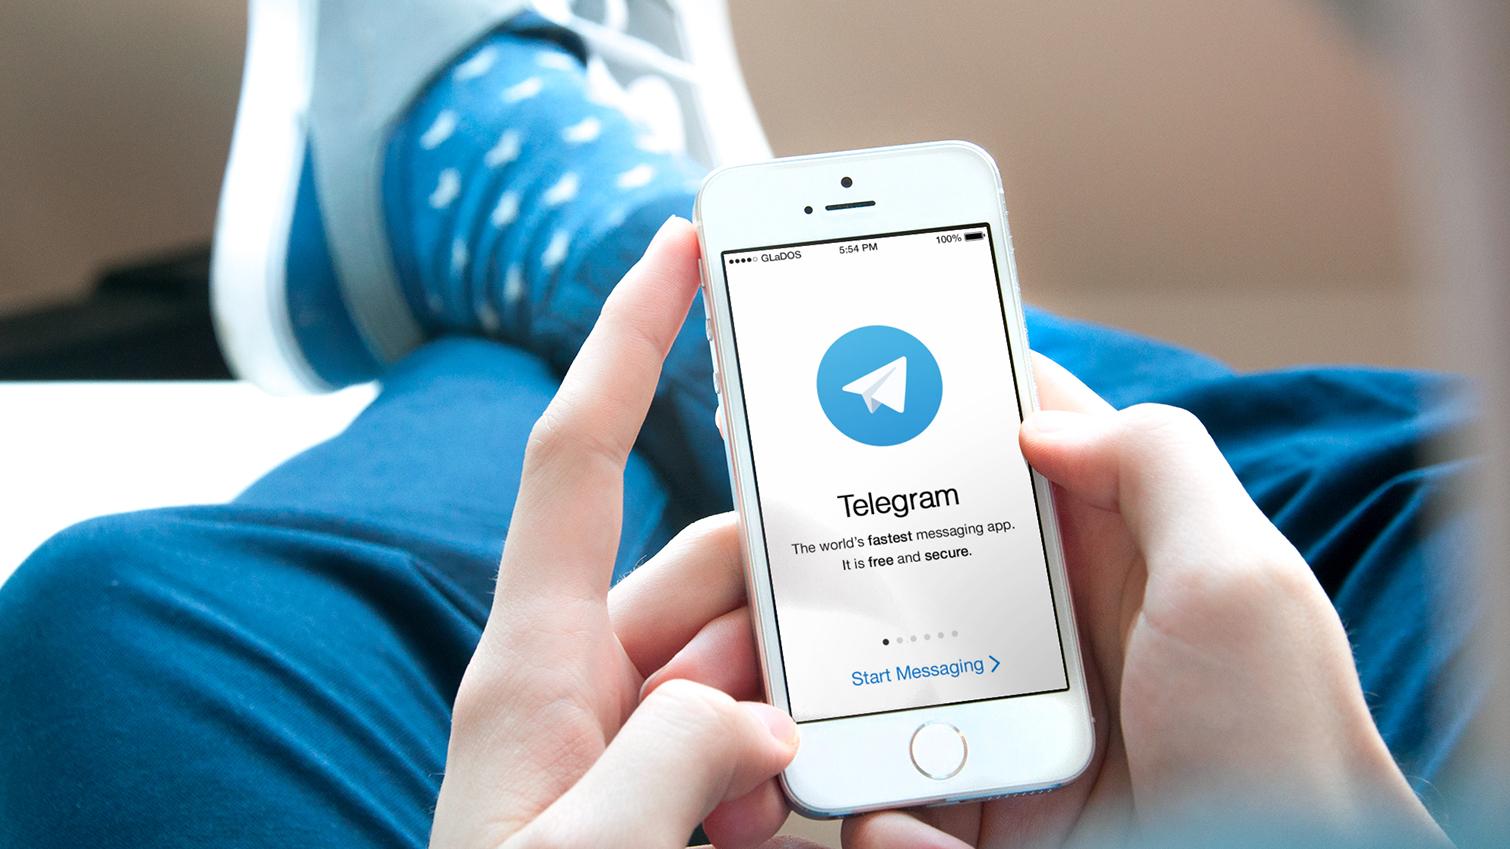 Как обойти блокировку Telegram? Два обычных метода, которые неодобрит Роскомнадзор